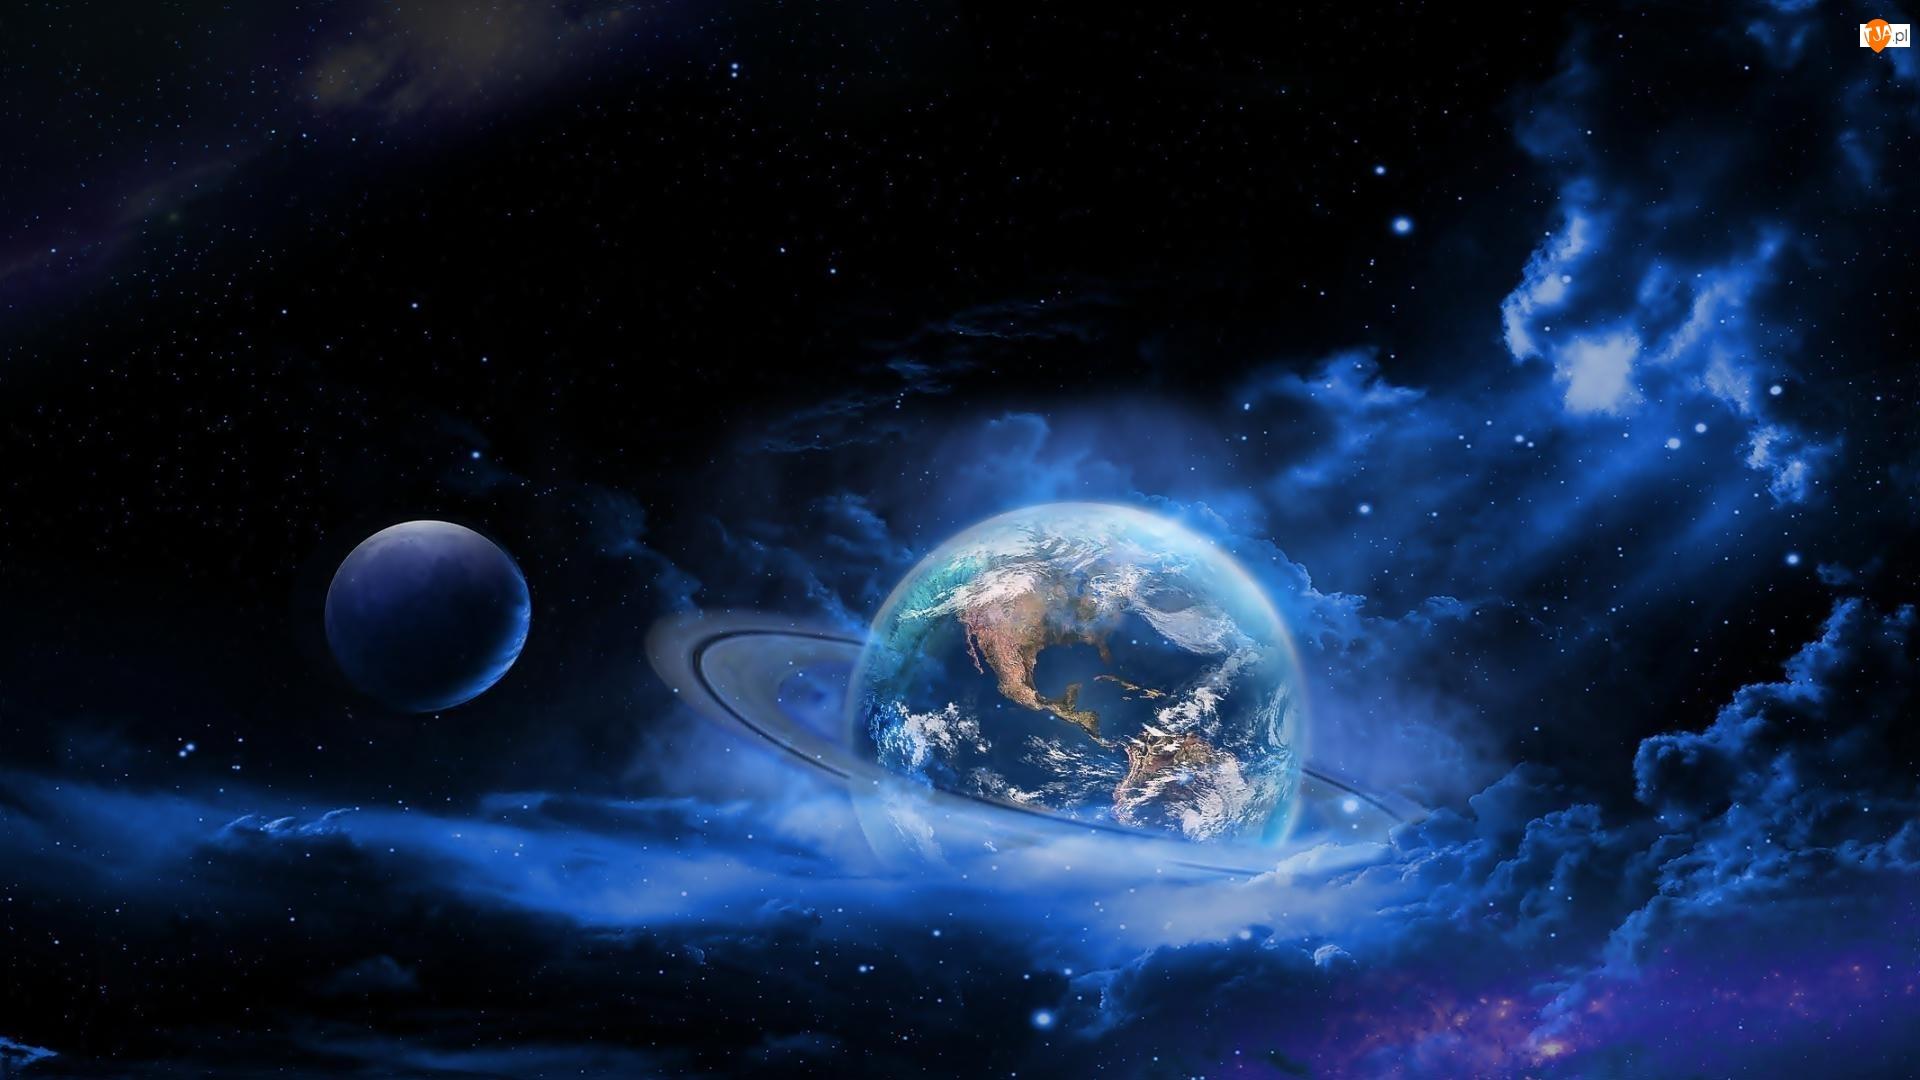 Planety, Fantasy, Gwiazdy, Kosmos